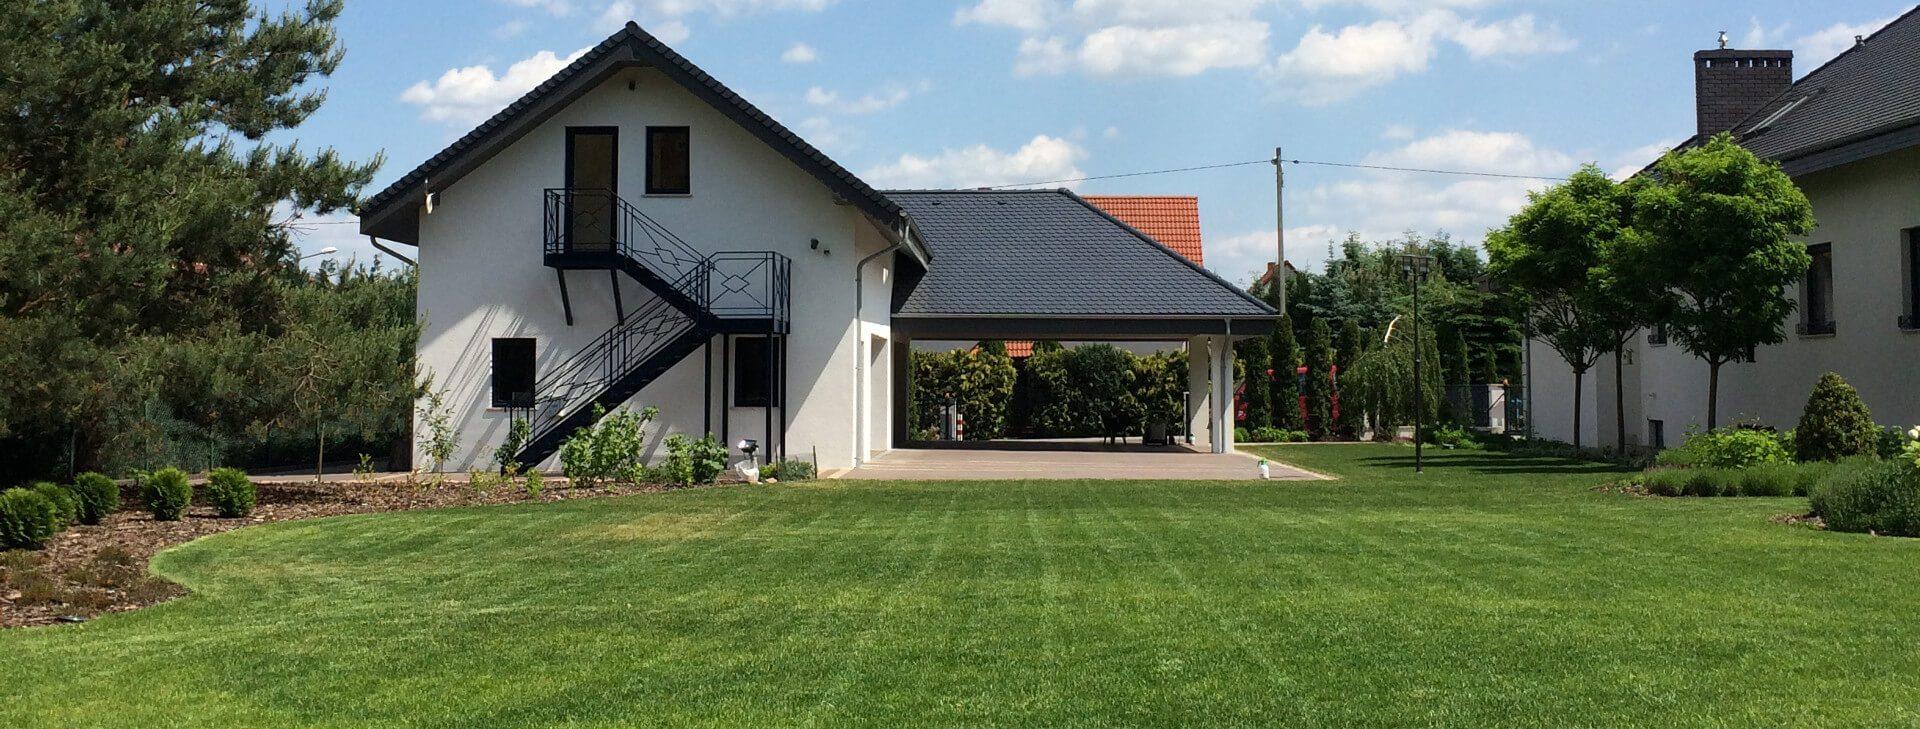 Firma Ogrodnicza z Poznania Green Solutions